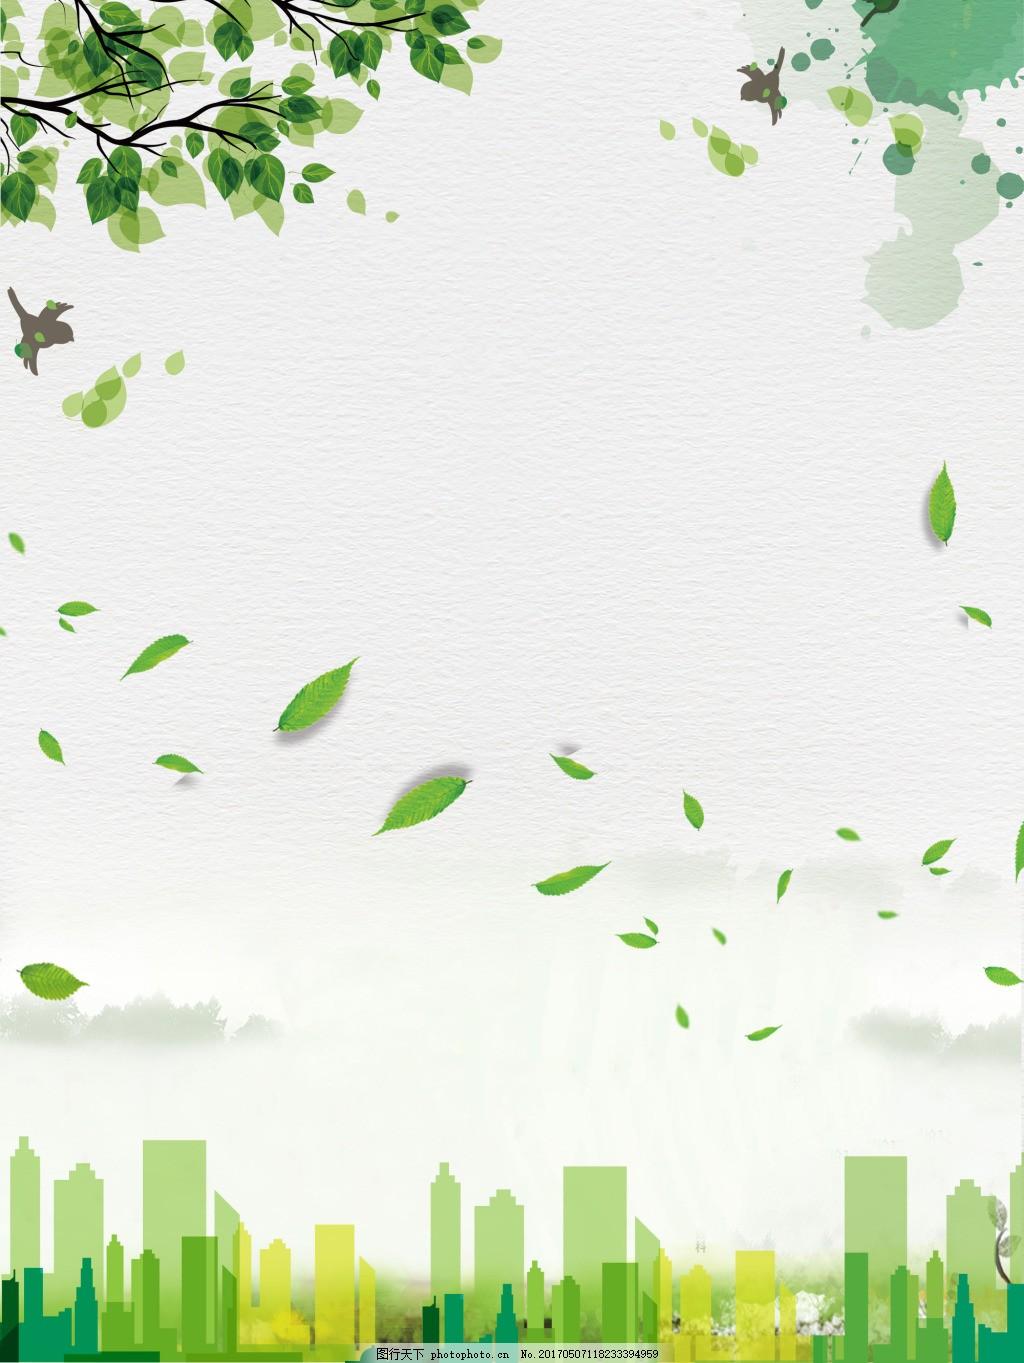 树枝树叶城市云彩喷墨落叶广告素材